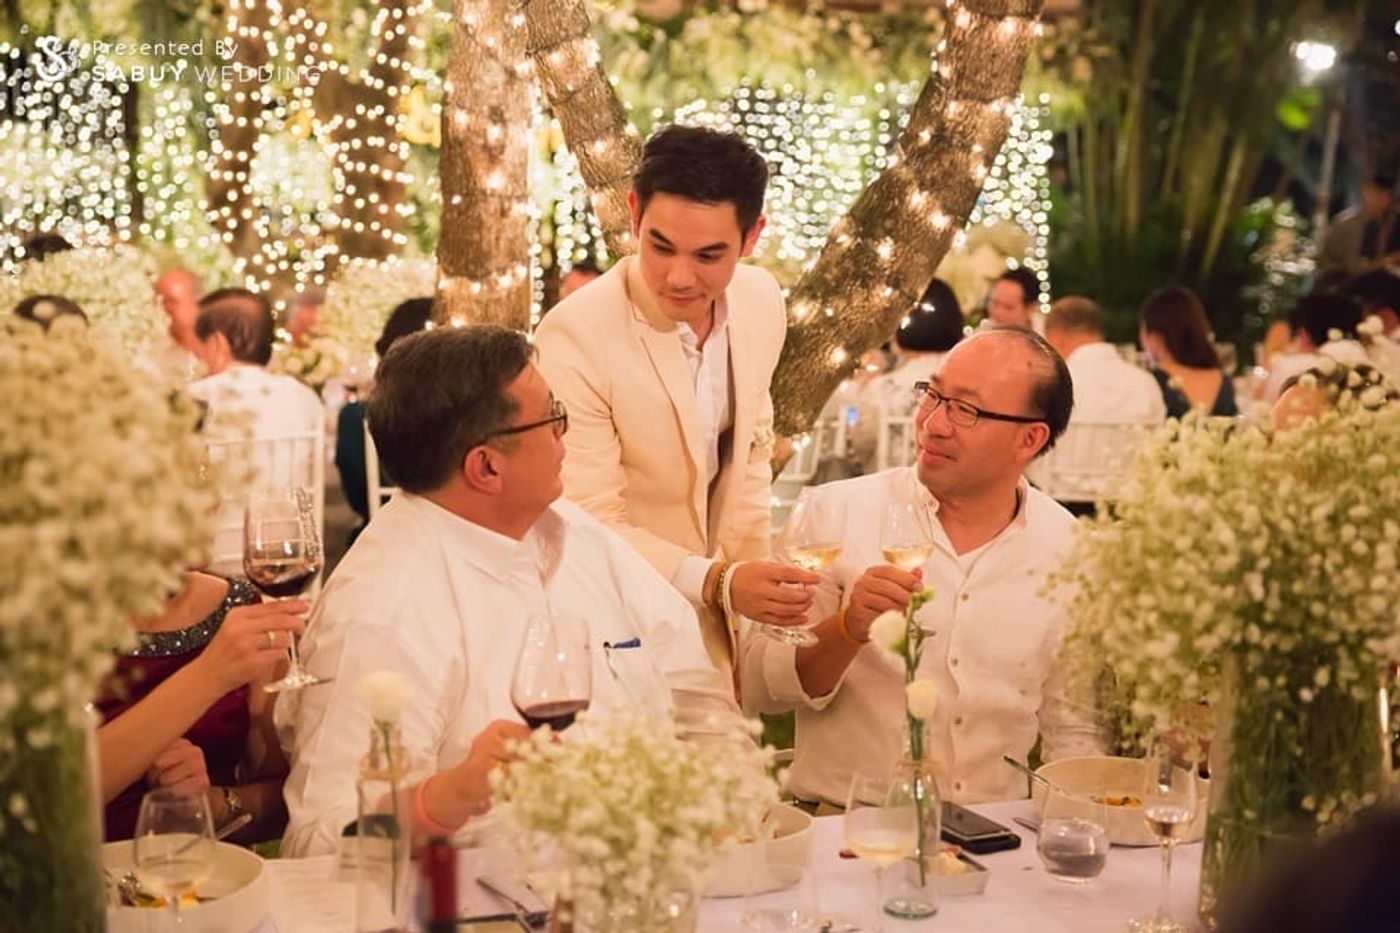 เจ้าบ่าว,ตกแต่งงานแต่ง,long-table รีวิวงานแต่งอิ่มใจไปกับงานหมั้นล้านนา ปิดท้าย Sit-down dinner ประดับไฟแสนสวยในสวนหลังบ้าน